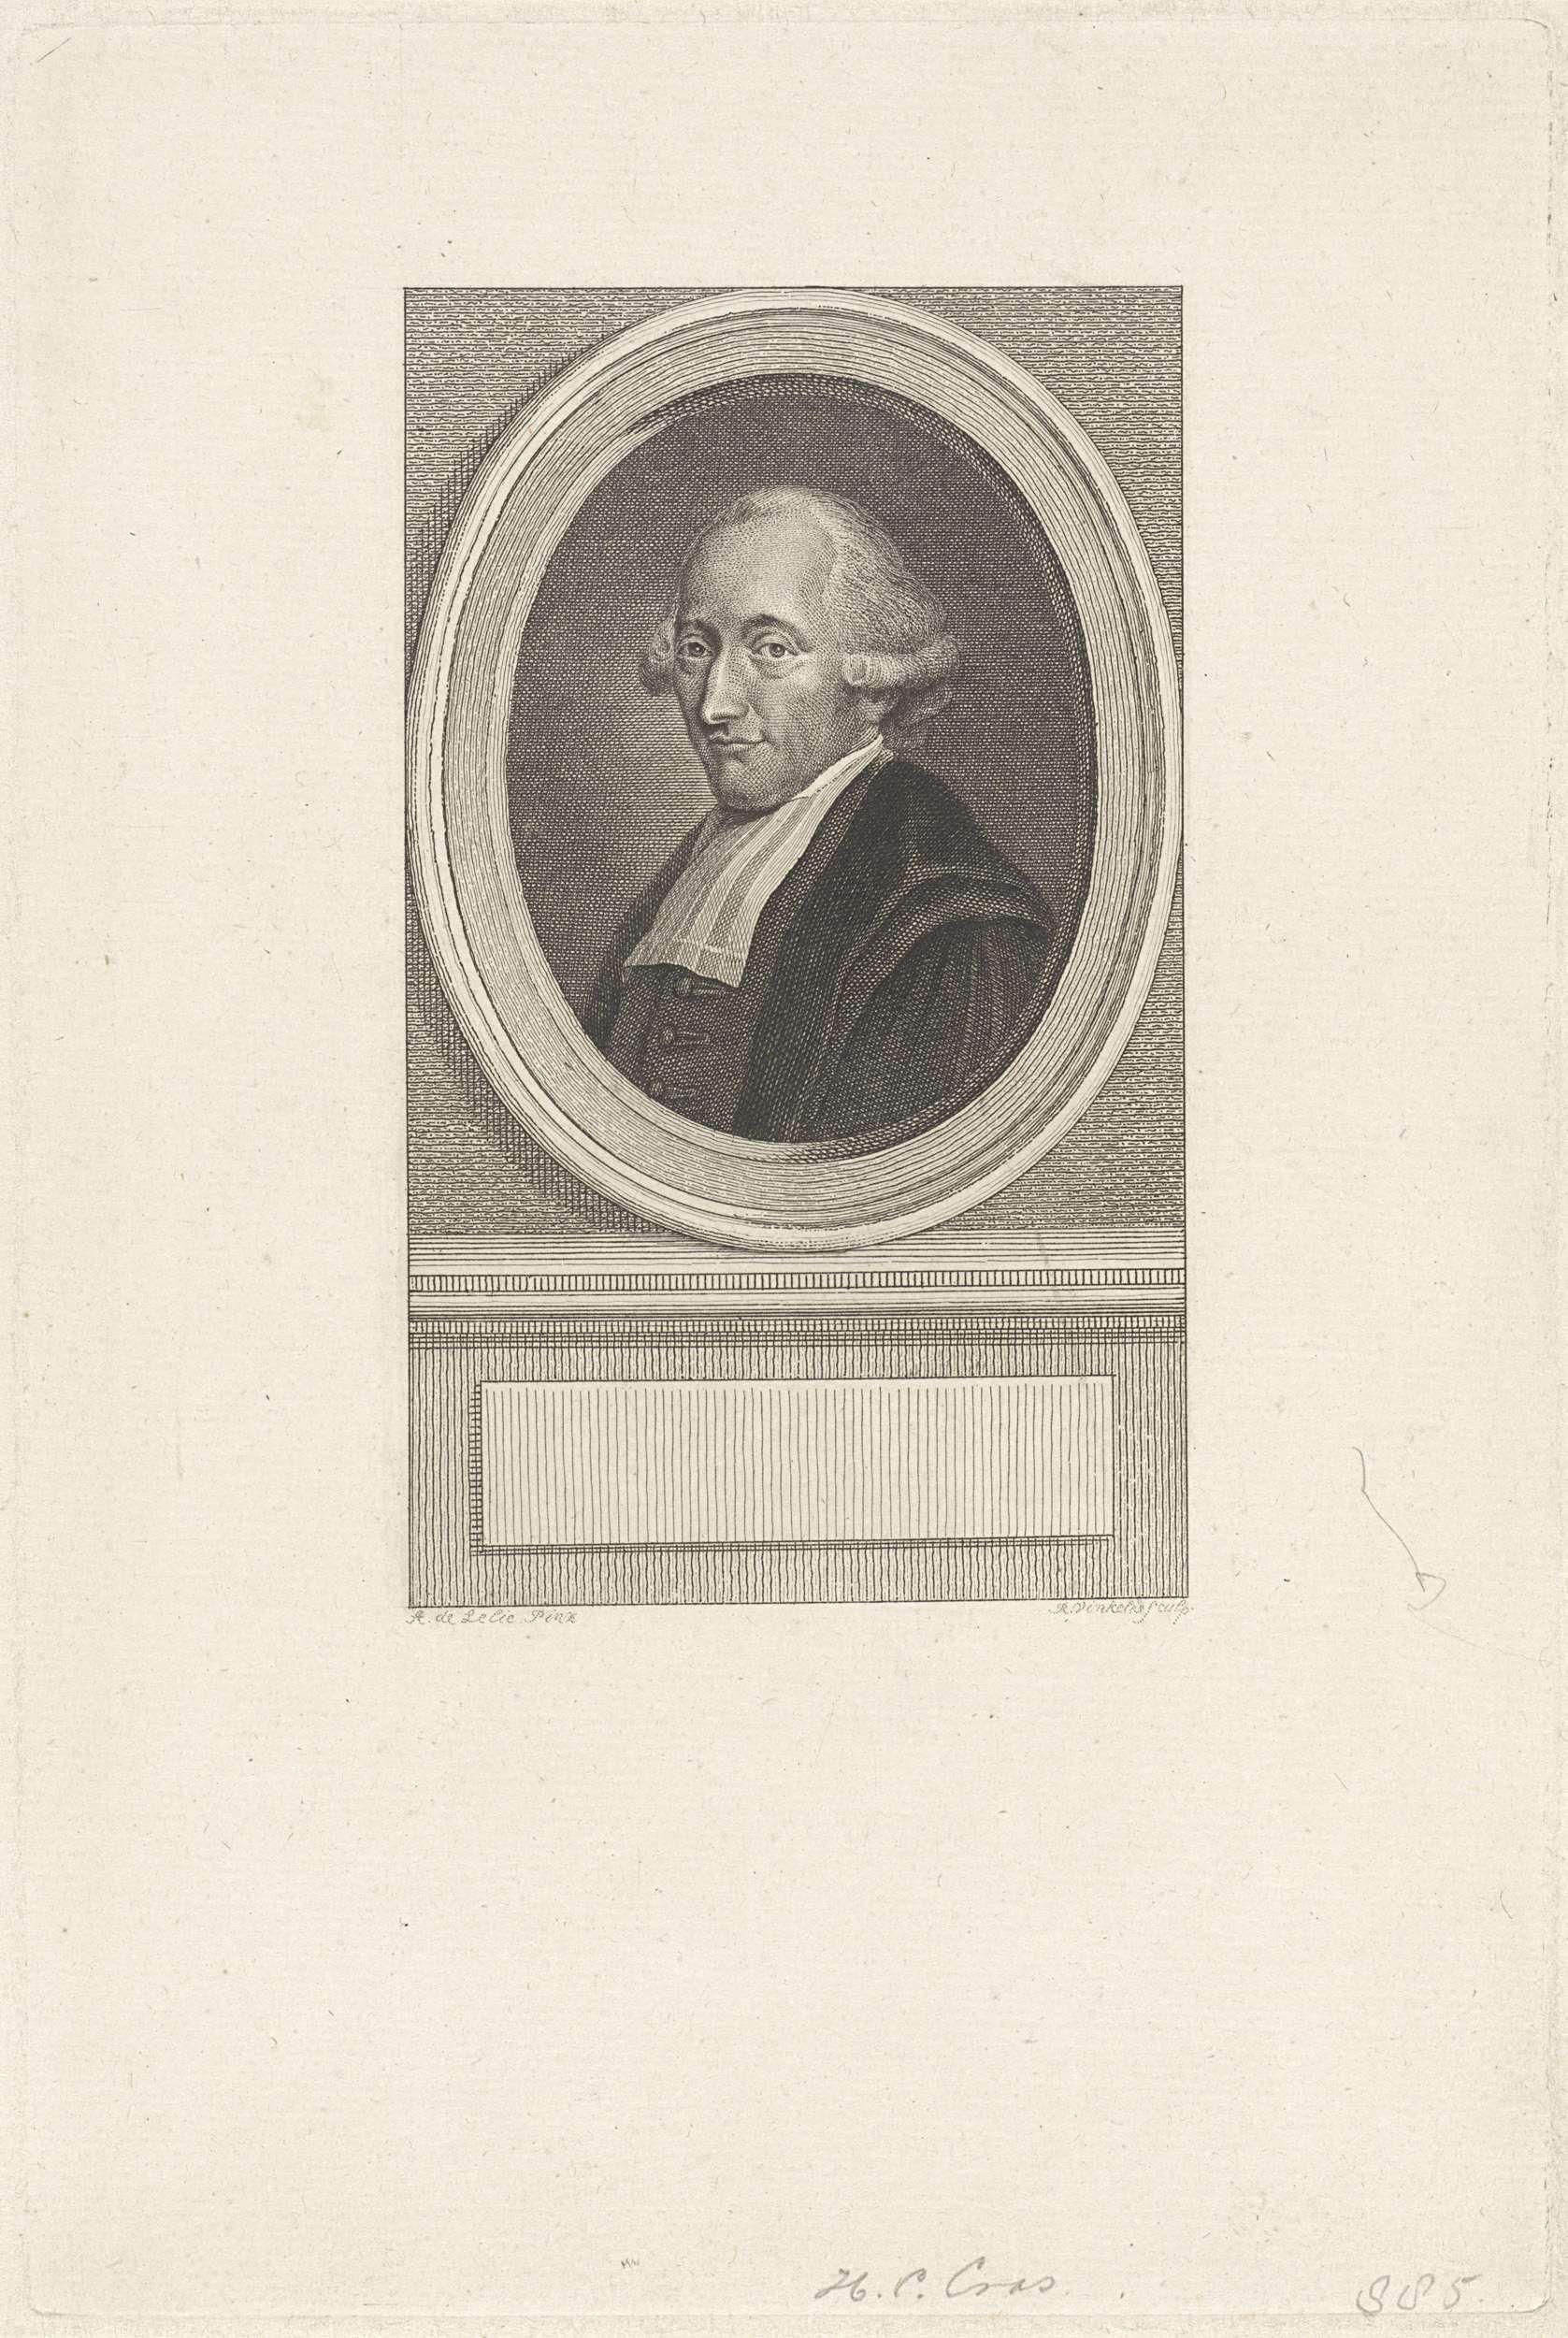 Reinier Vinkeles   Portret van de rechtsgeleerde Hendrik Constantijn Cras, Reinier Vinkeles, 1786 - 1809  